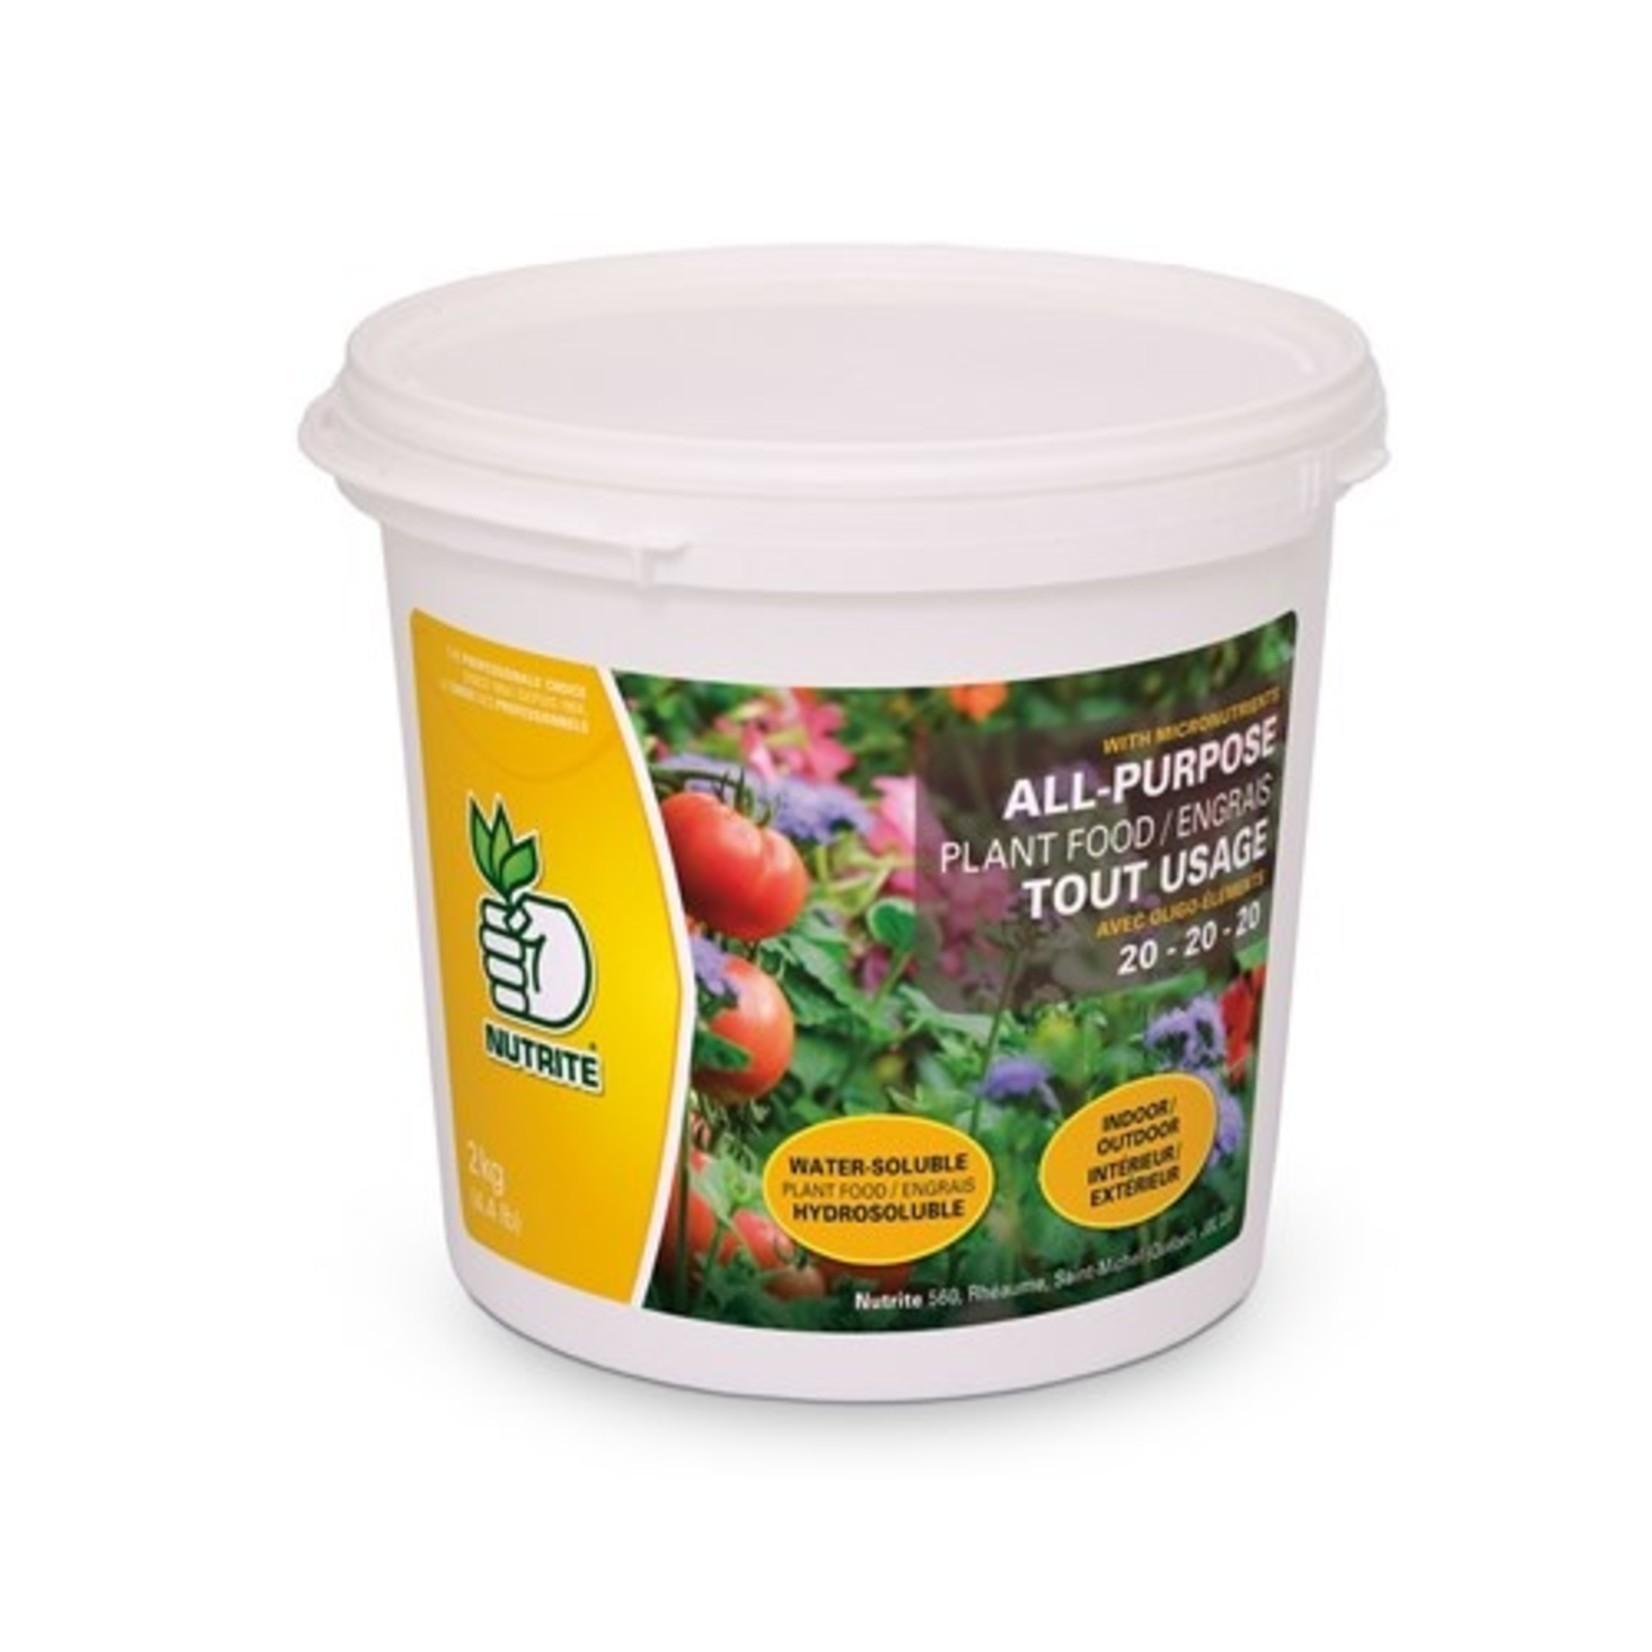 Nutrite Engrais tout usage (20-20-20) 2 KG